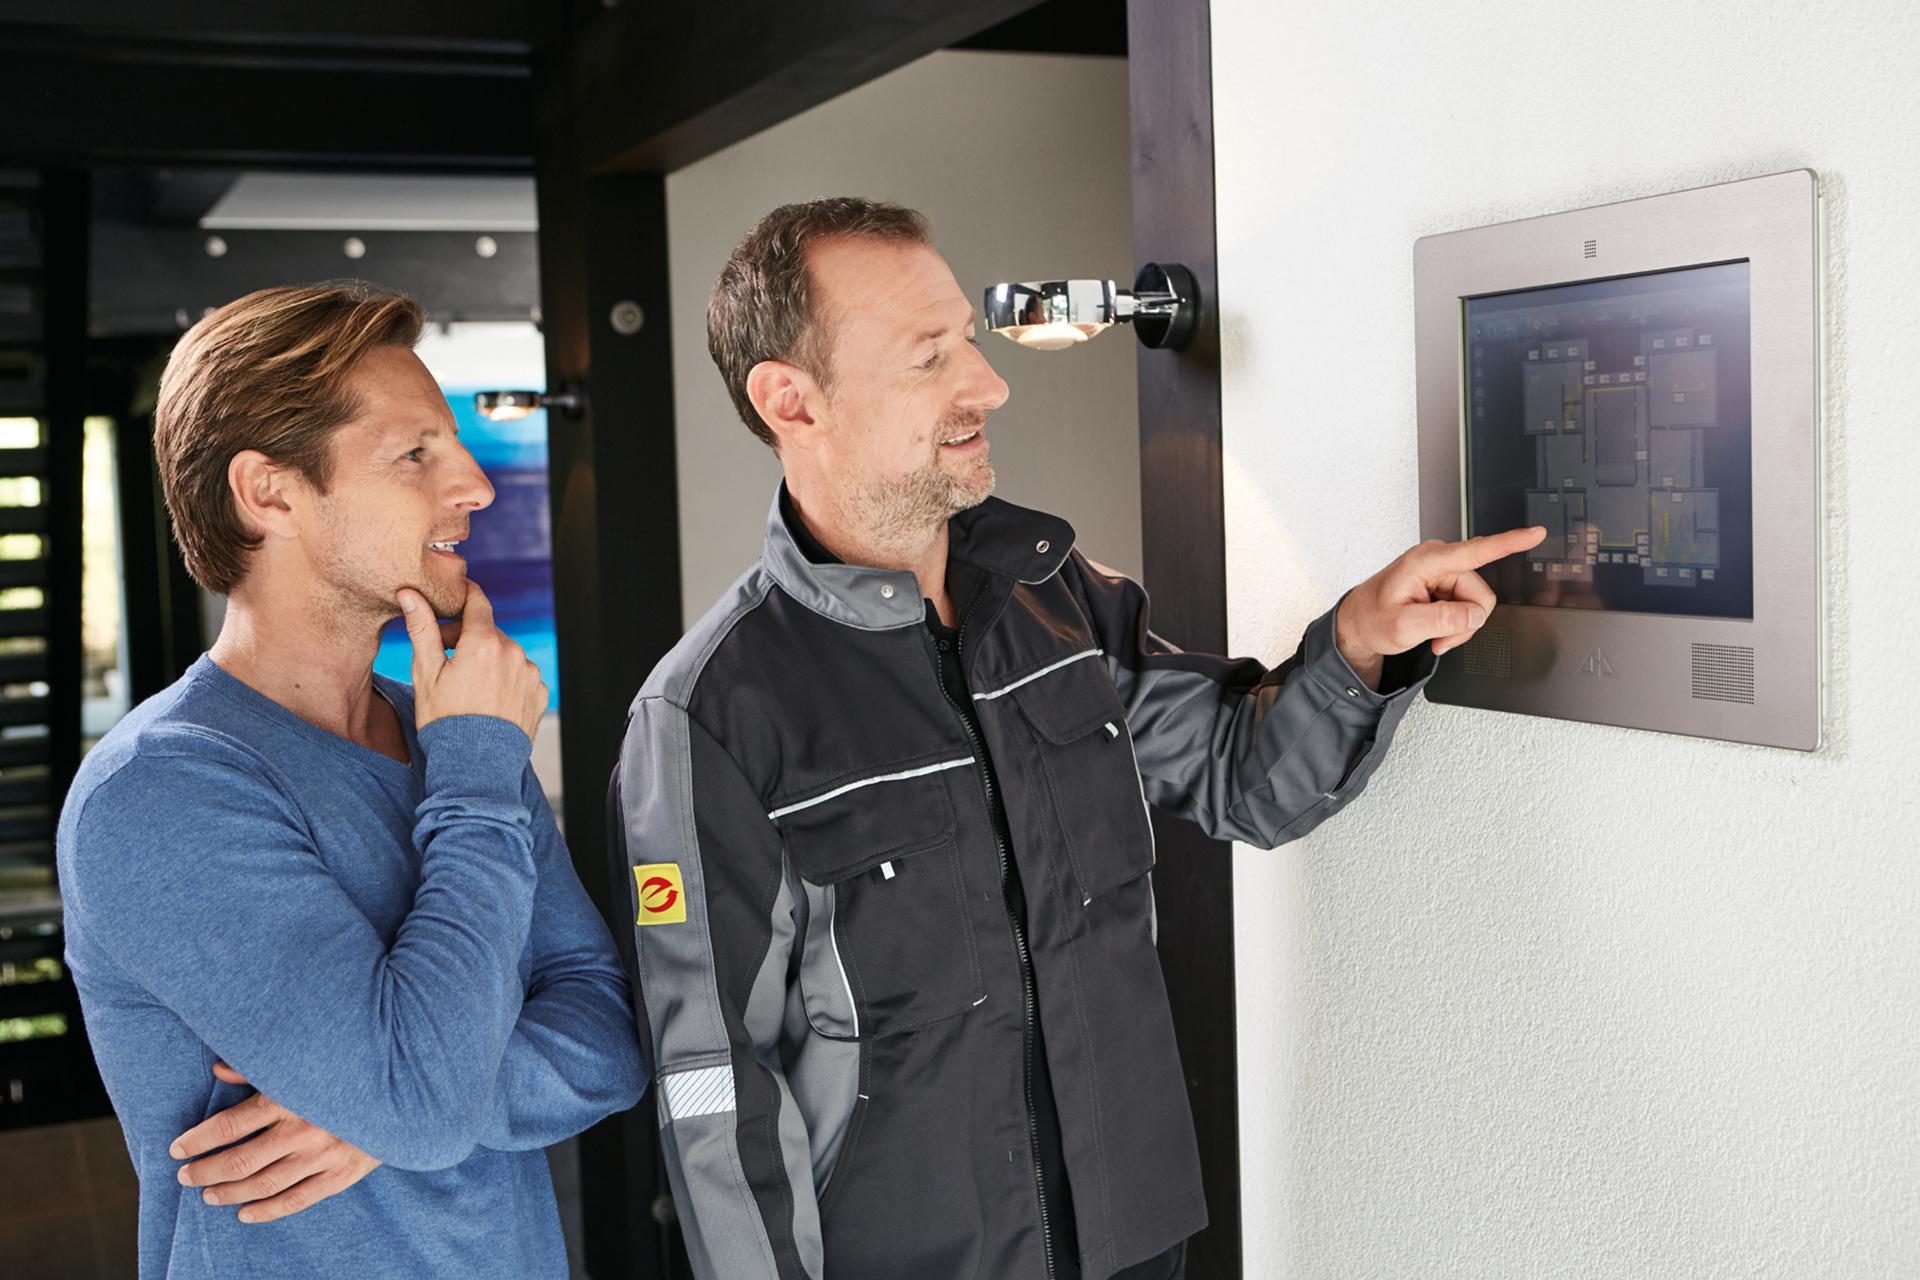 Elektrofachmann erklärt Kunde die Steuerung (3)